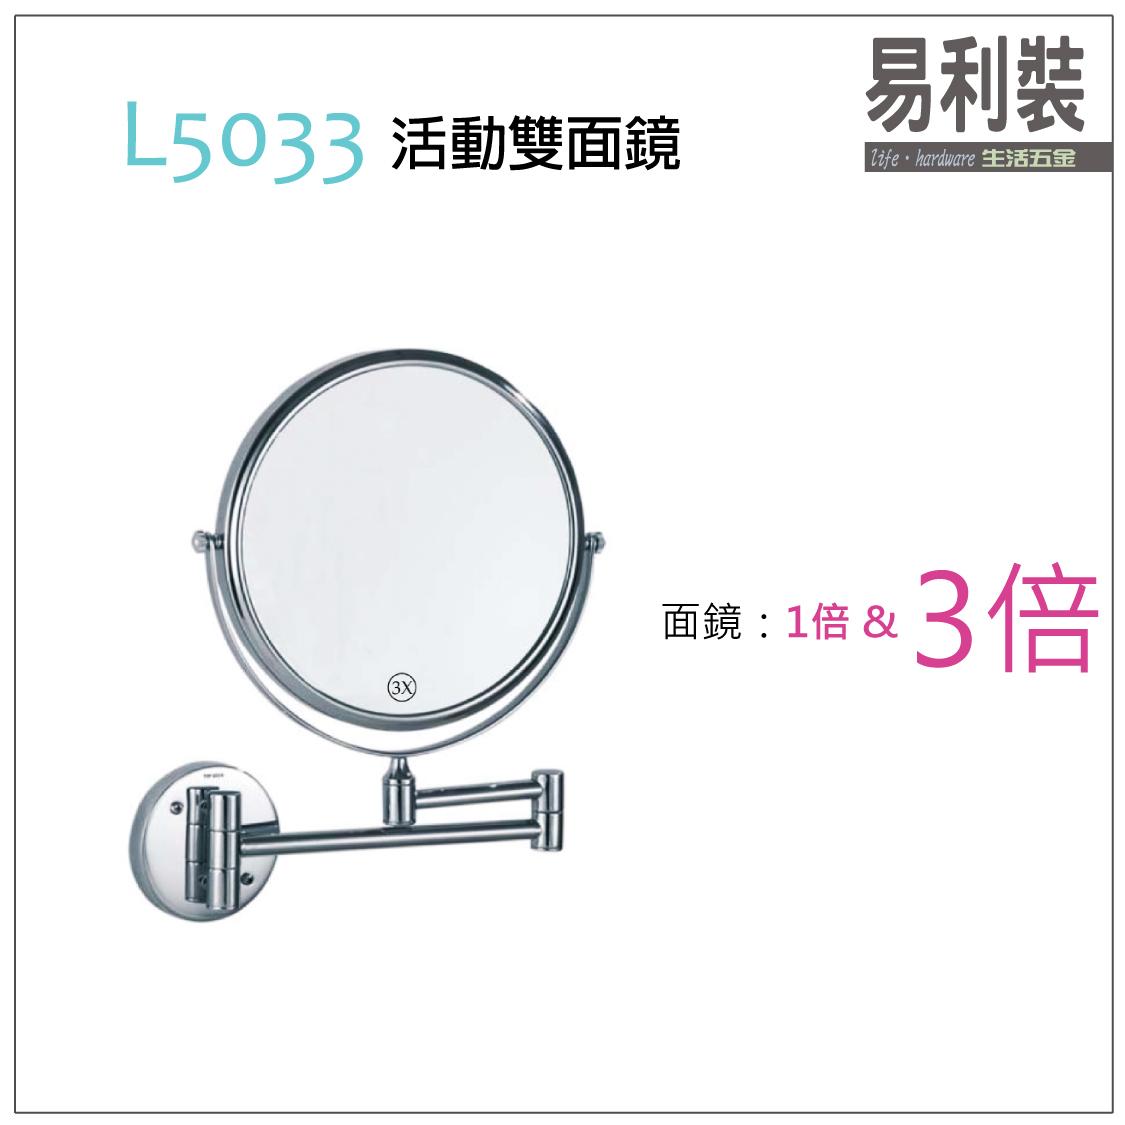 【 EASYCAN  】L5033 活動雙面鏡 易利裝生活五金 伸縮化妝鏡 3倍鏡 房間 臥房 客廳 餐廳 櫥櫃 衣櫃 小資族 辦公家具 系統家具